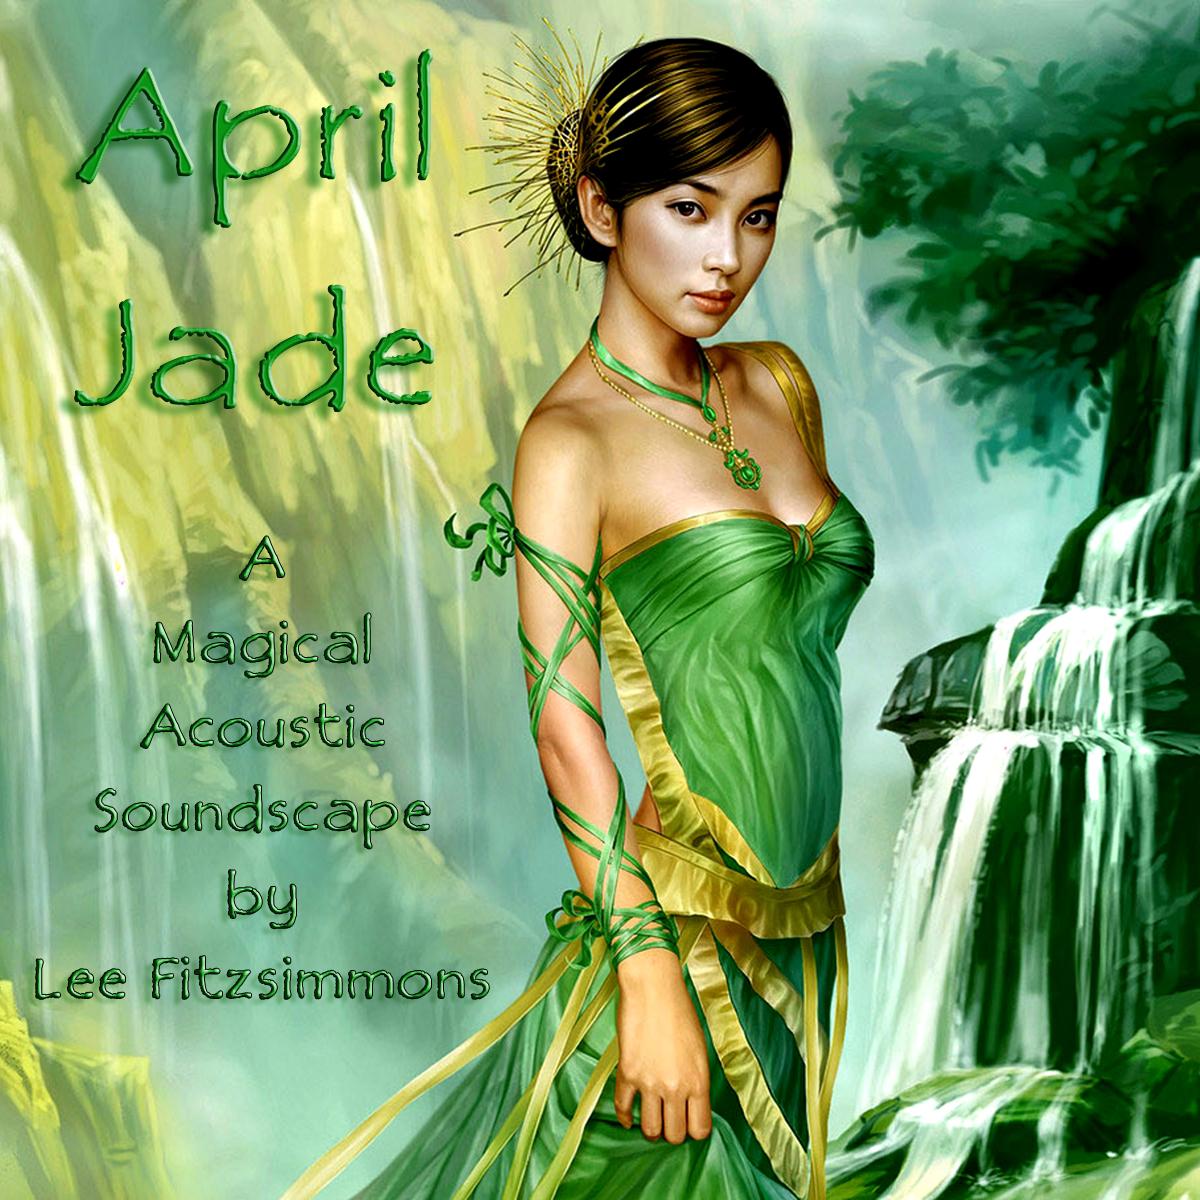 April Jade